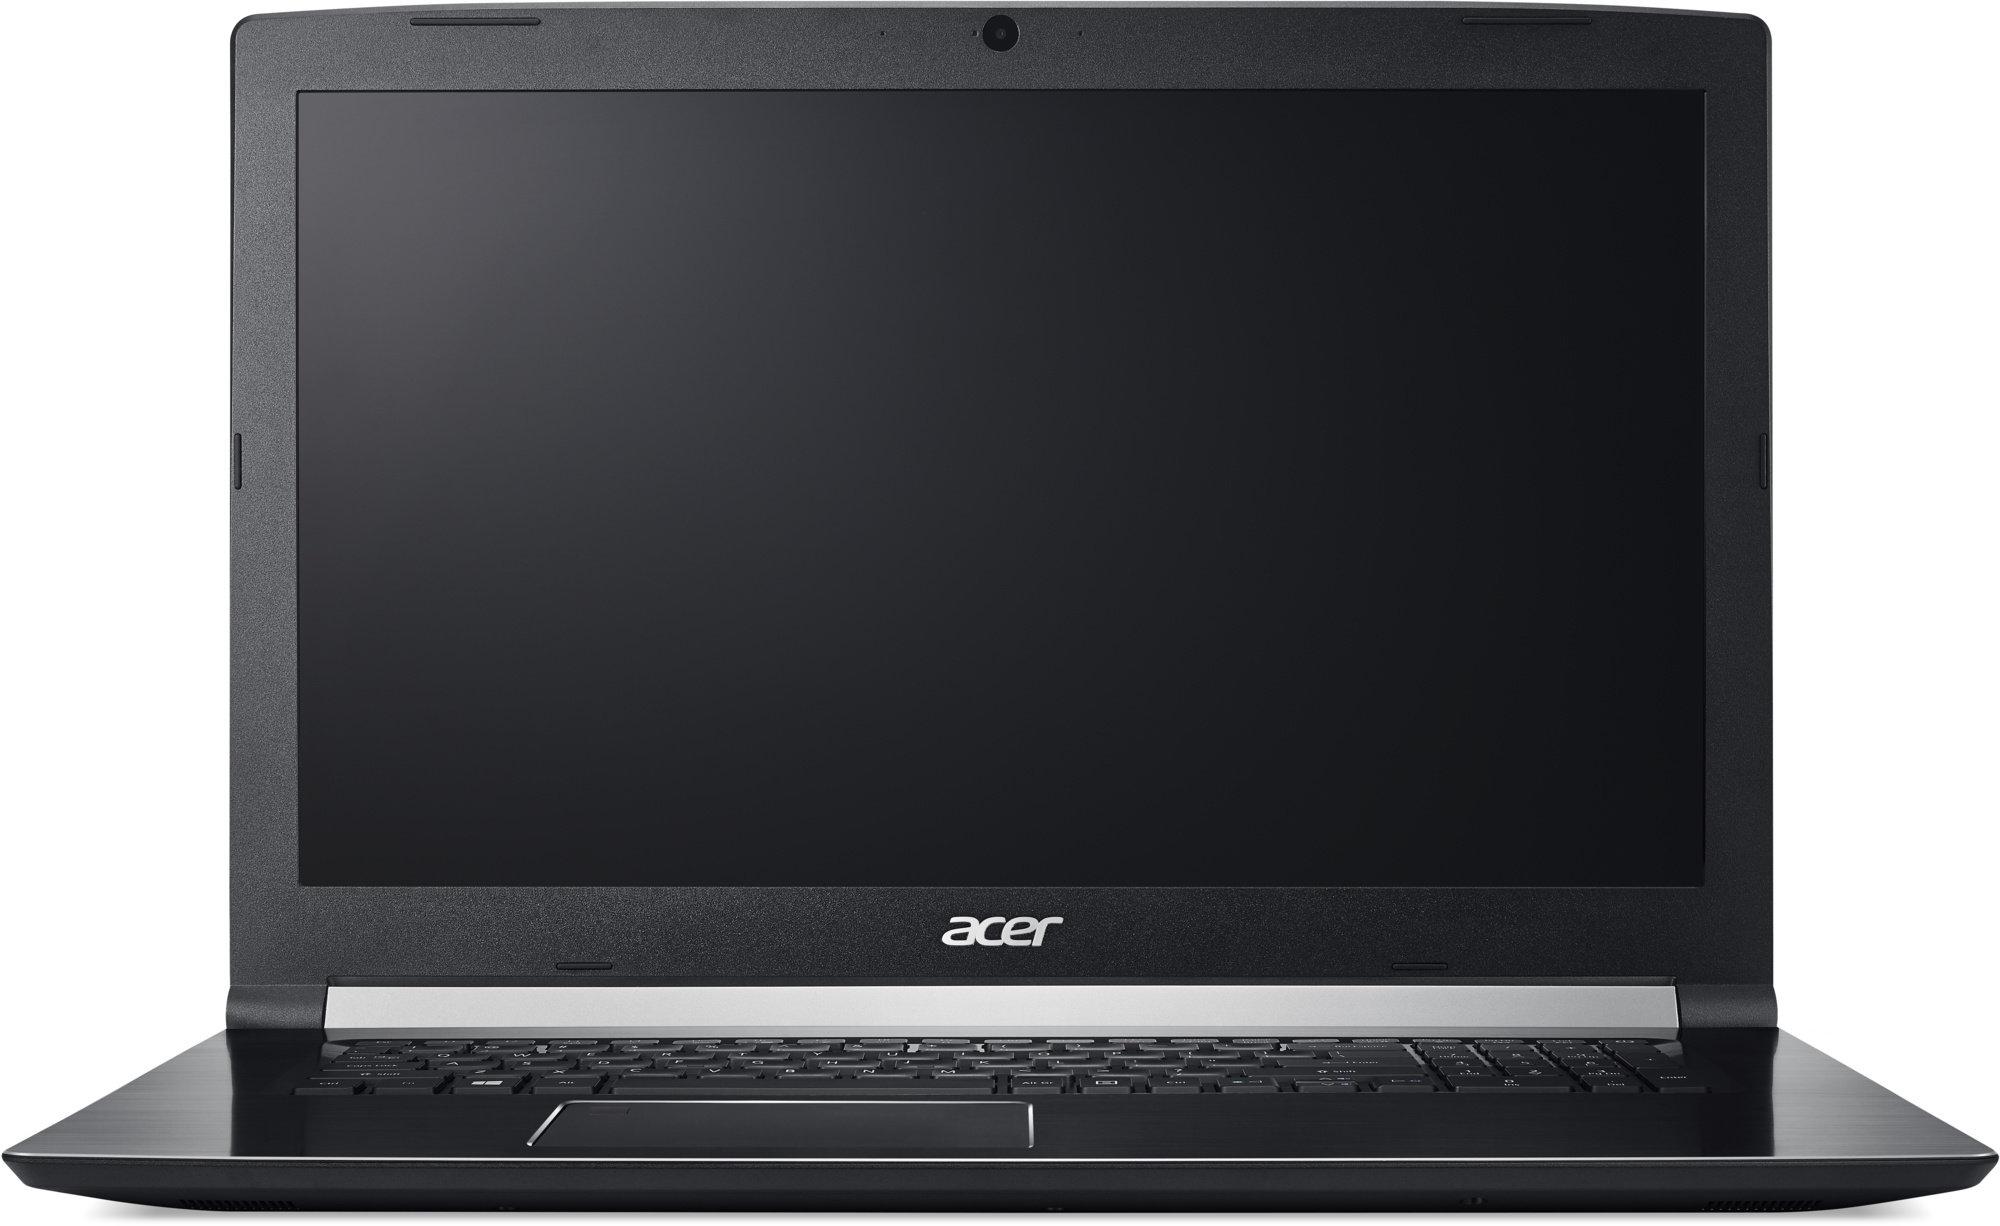 """Acer Aspire 7 (A717-71G-75E0) i7-7700HQ/8GB+N/128GB SSD M.2+1TB/GTX 1050Ti 4GB/17.3"""" FHD IPS matný/BT/W10 Home/Black"""